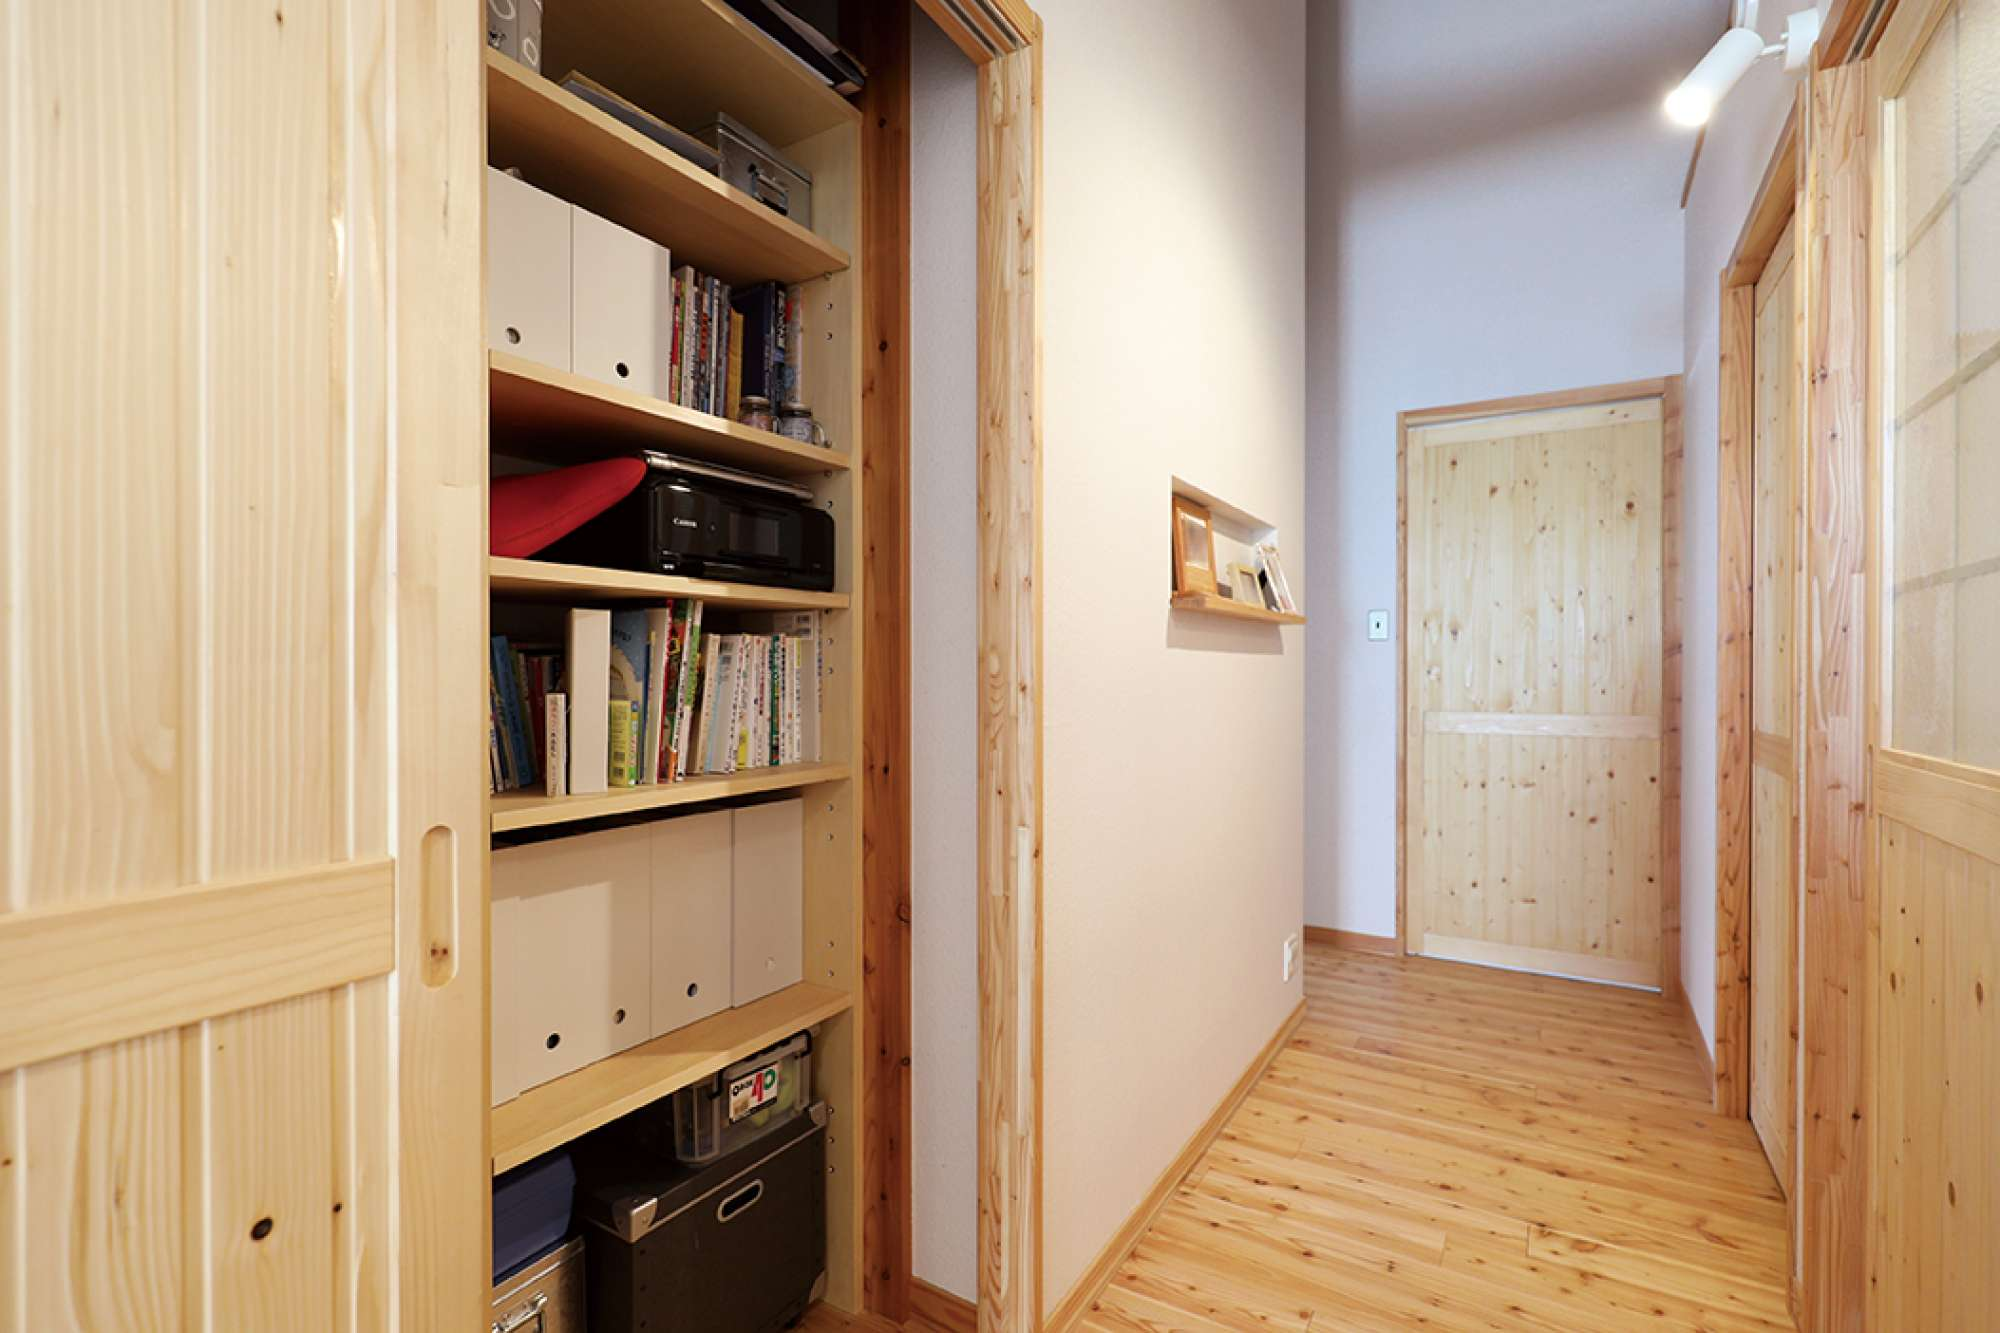 廊下も木質感たっぷり。右は造作建具、左は棚付きの造作収納 -  -  -